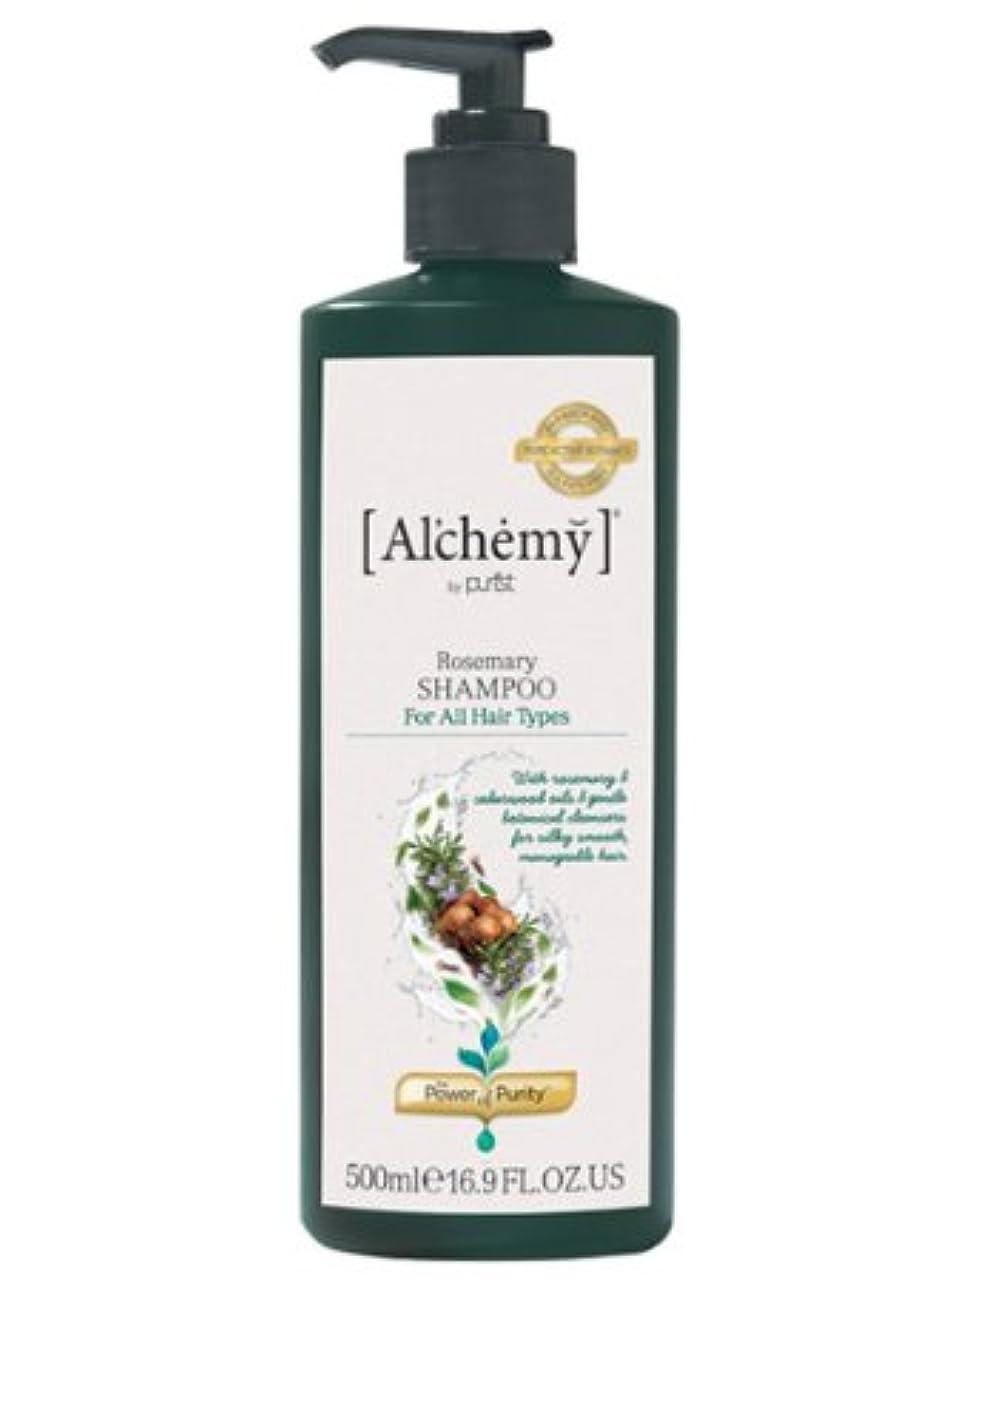 【Al'chemy(alchemy)】アルケミー ローズマリーシャンプー(Rosemary Shampoo)(ノーマル髪用)500ml